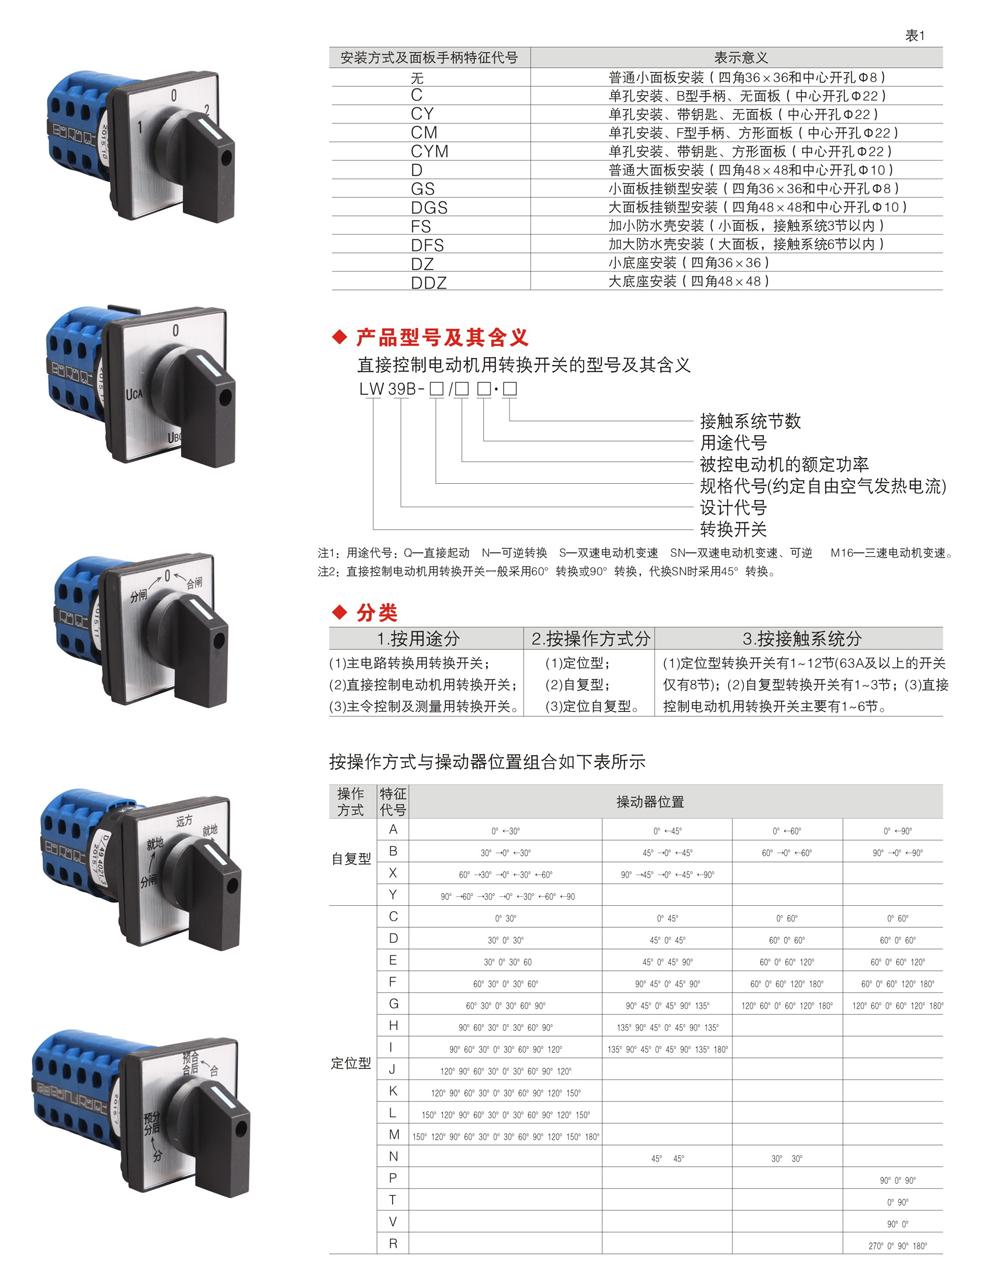 定位型自动停手动LW39B-16D0723.3